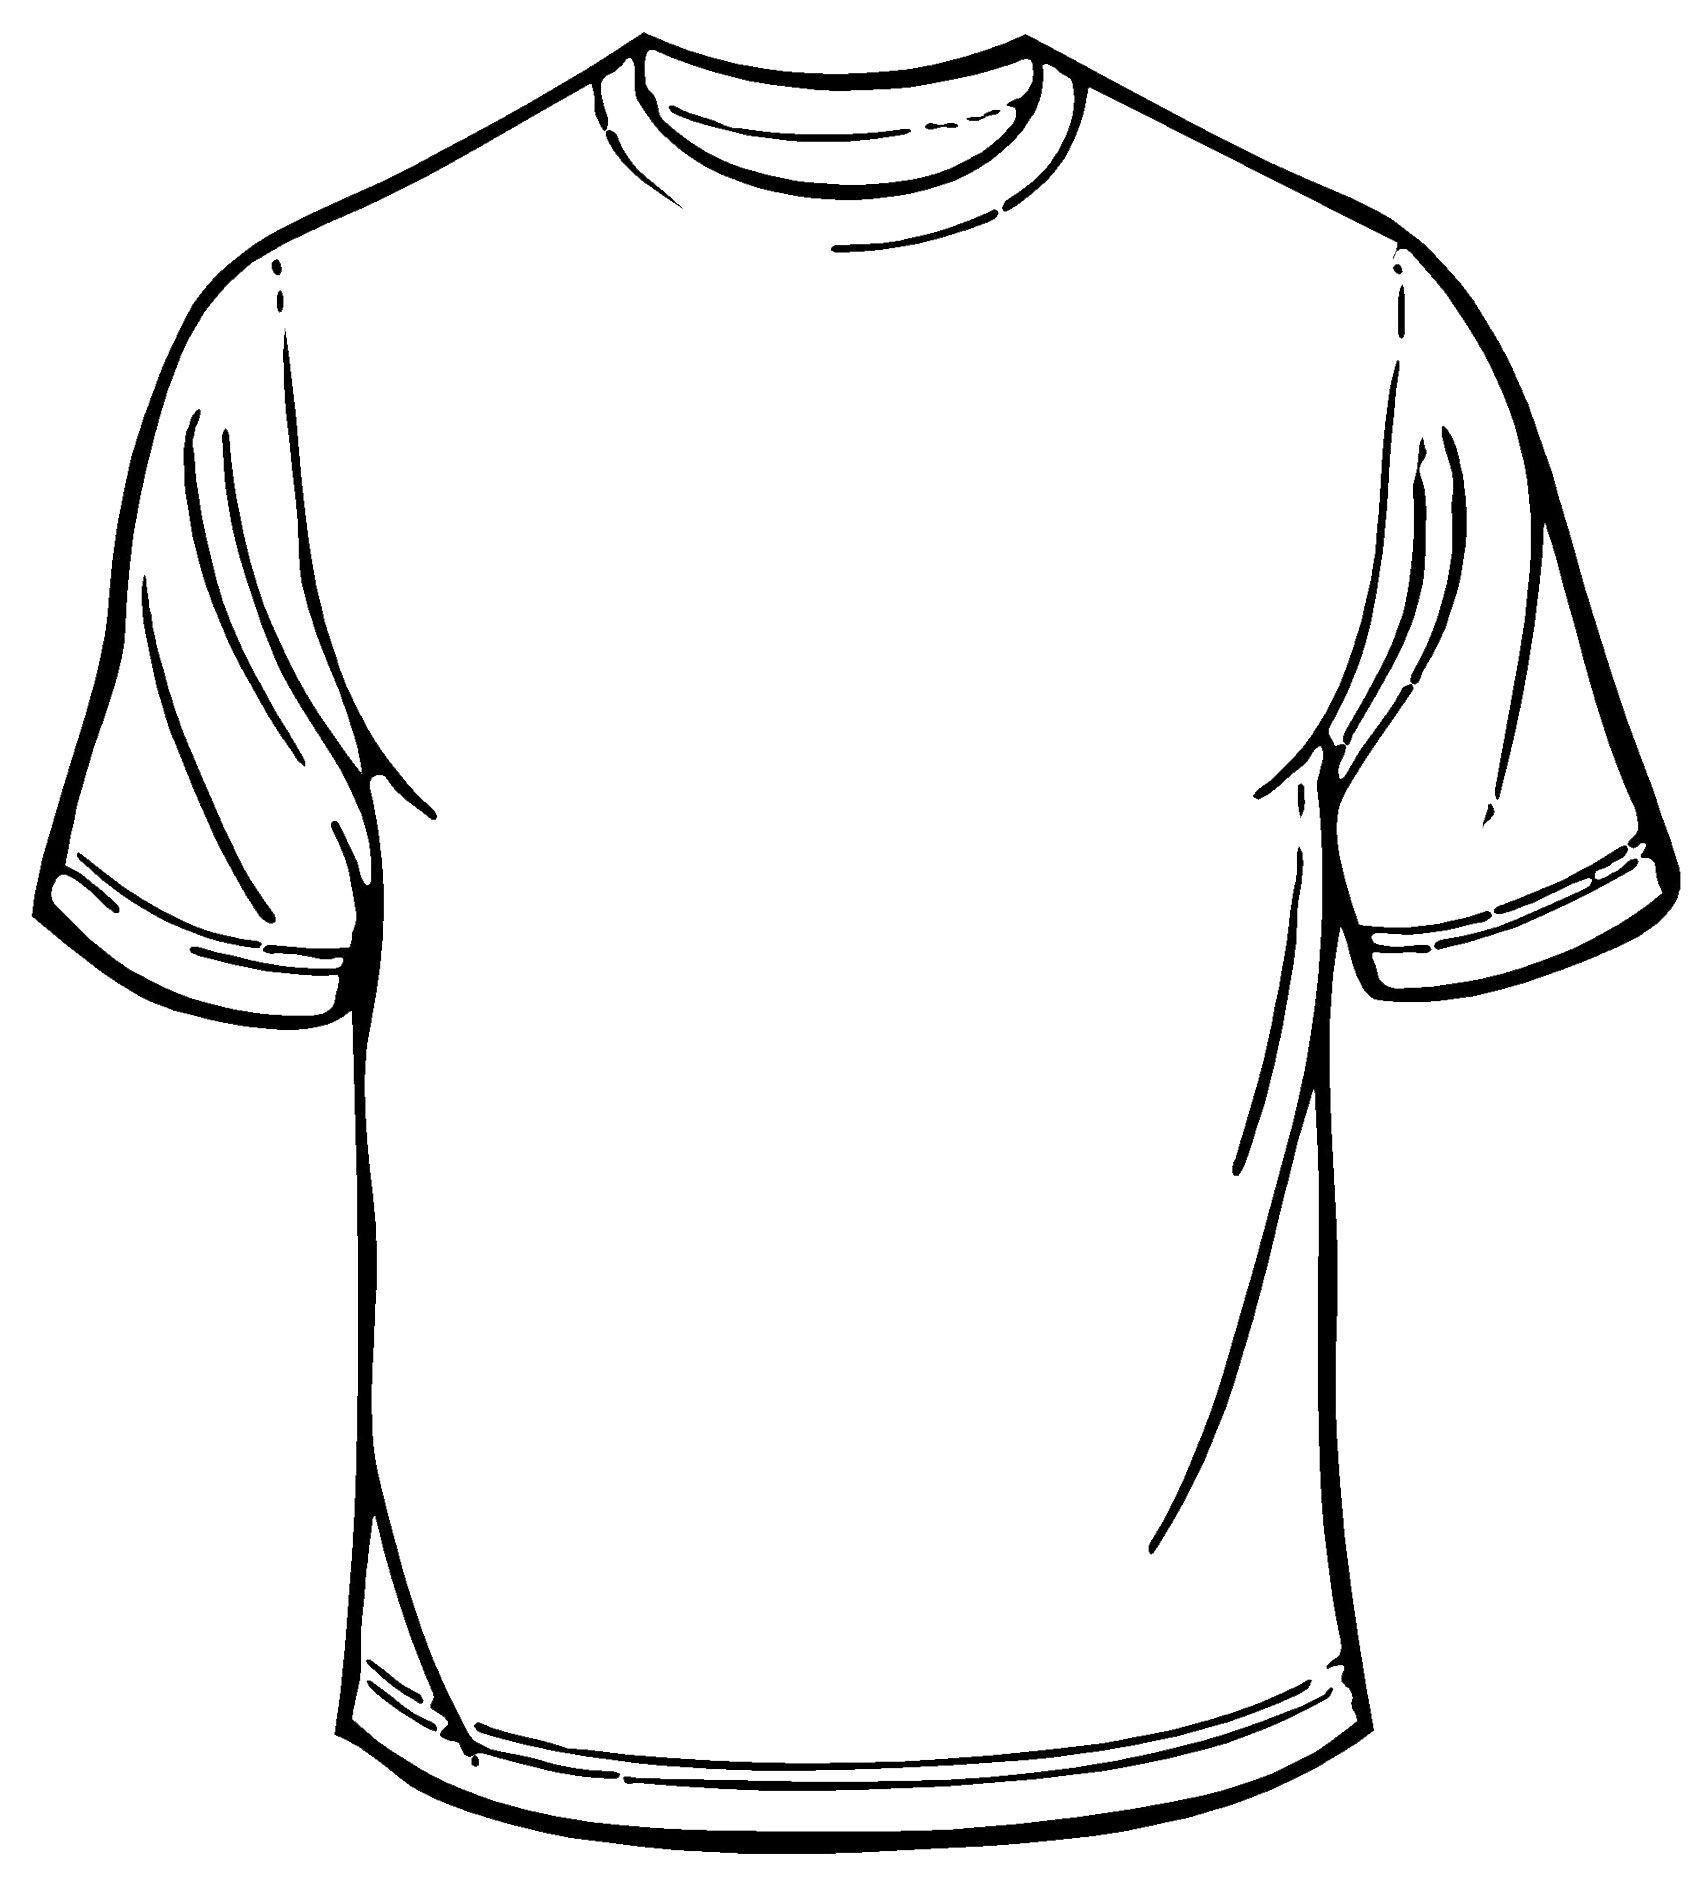 Pin by Best Shirts (Shirt) for Men & Women on Shirts | Shirt ...